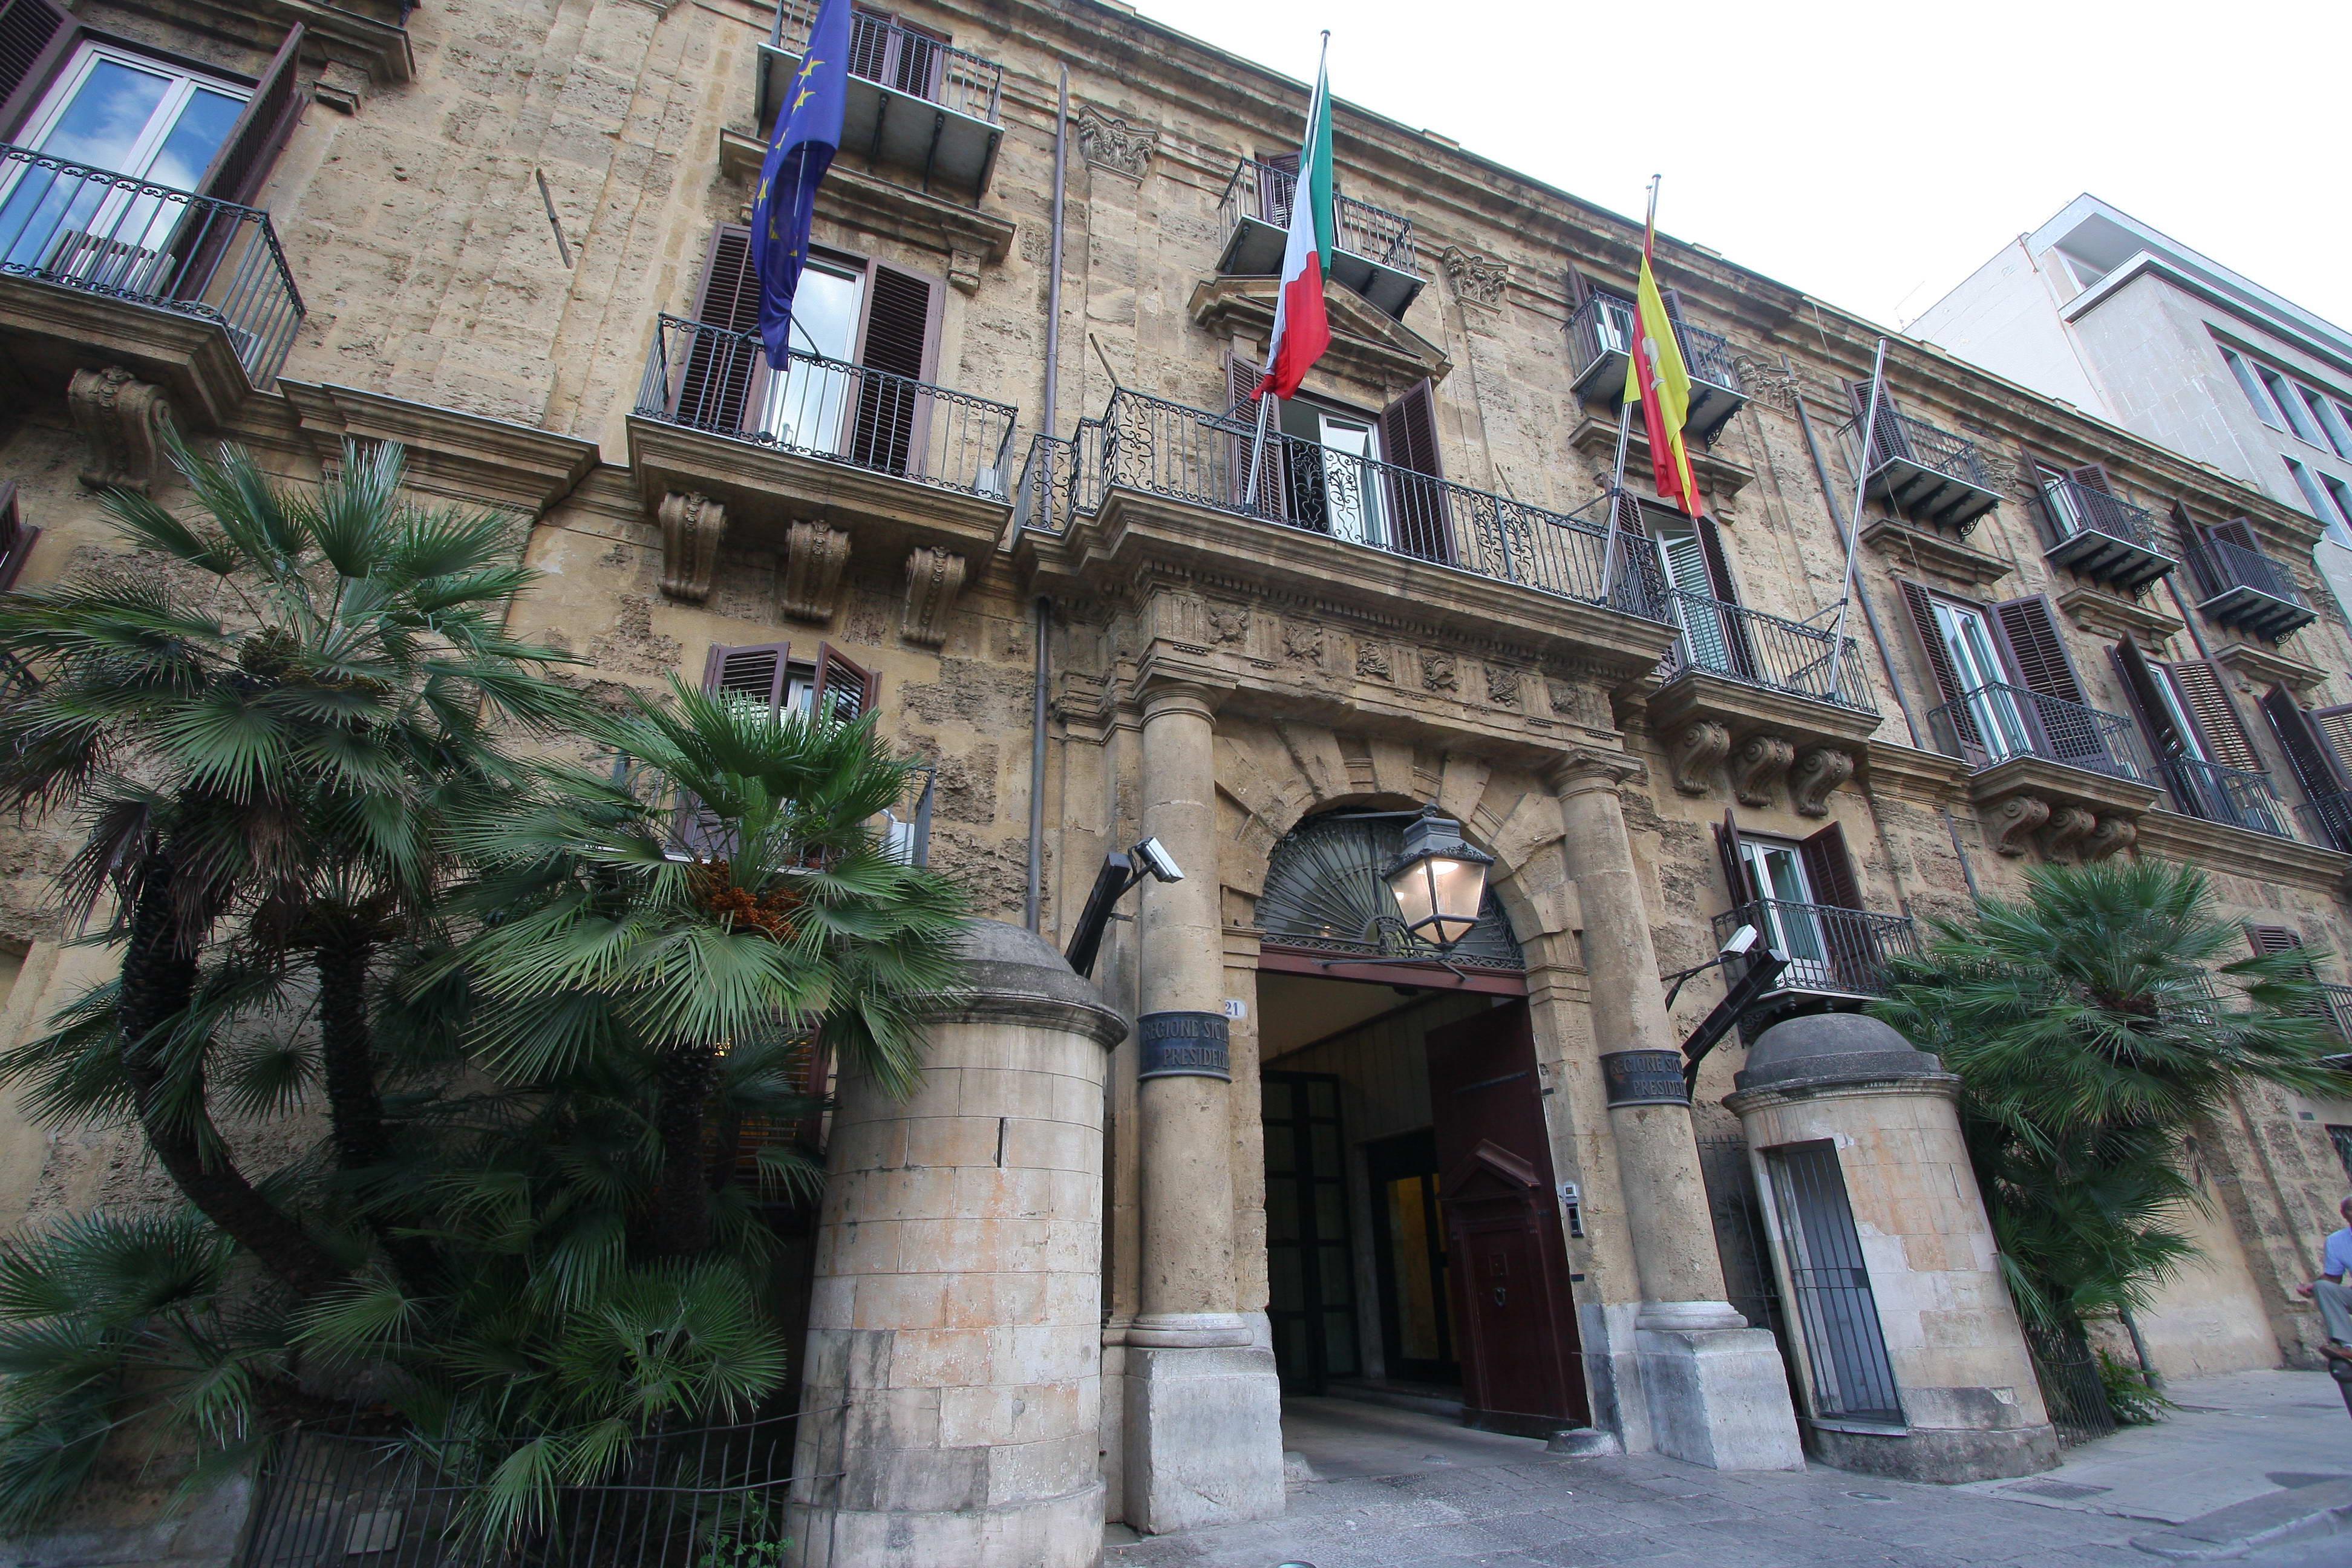 Ma dove li troverà la Regione siciliana 2,1 miliardi di euro? L'ombra del commissariamento?